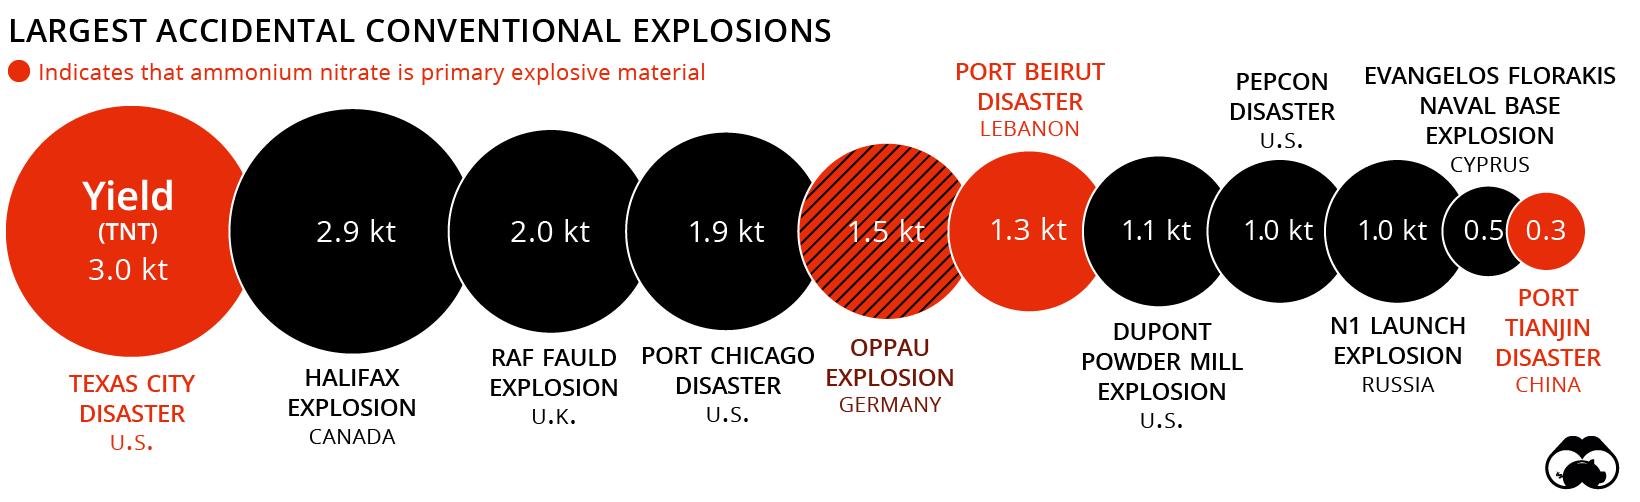 ammonium nitrate explosions